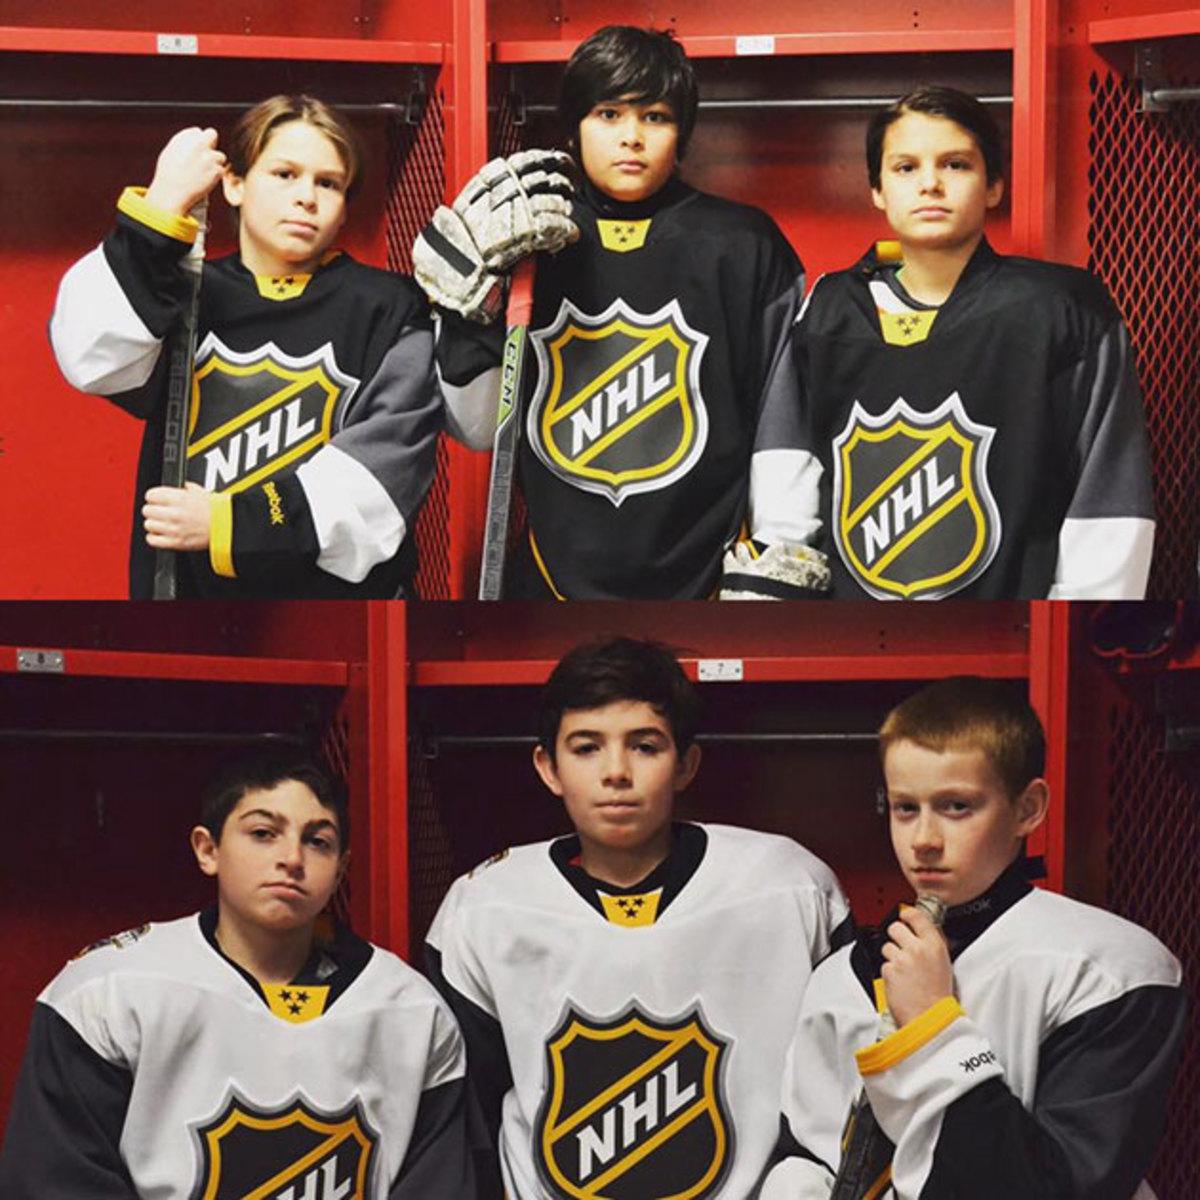 nhl-all-star-jersey-kids-shiny-nashville-630.jpg